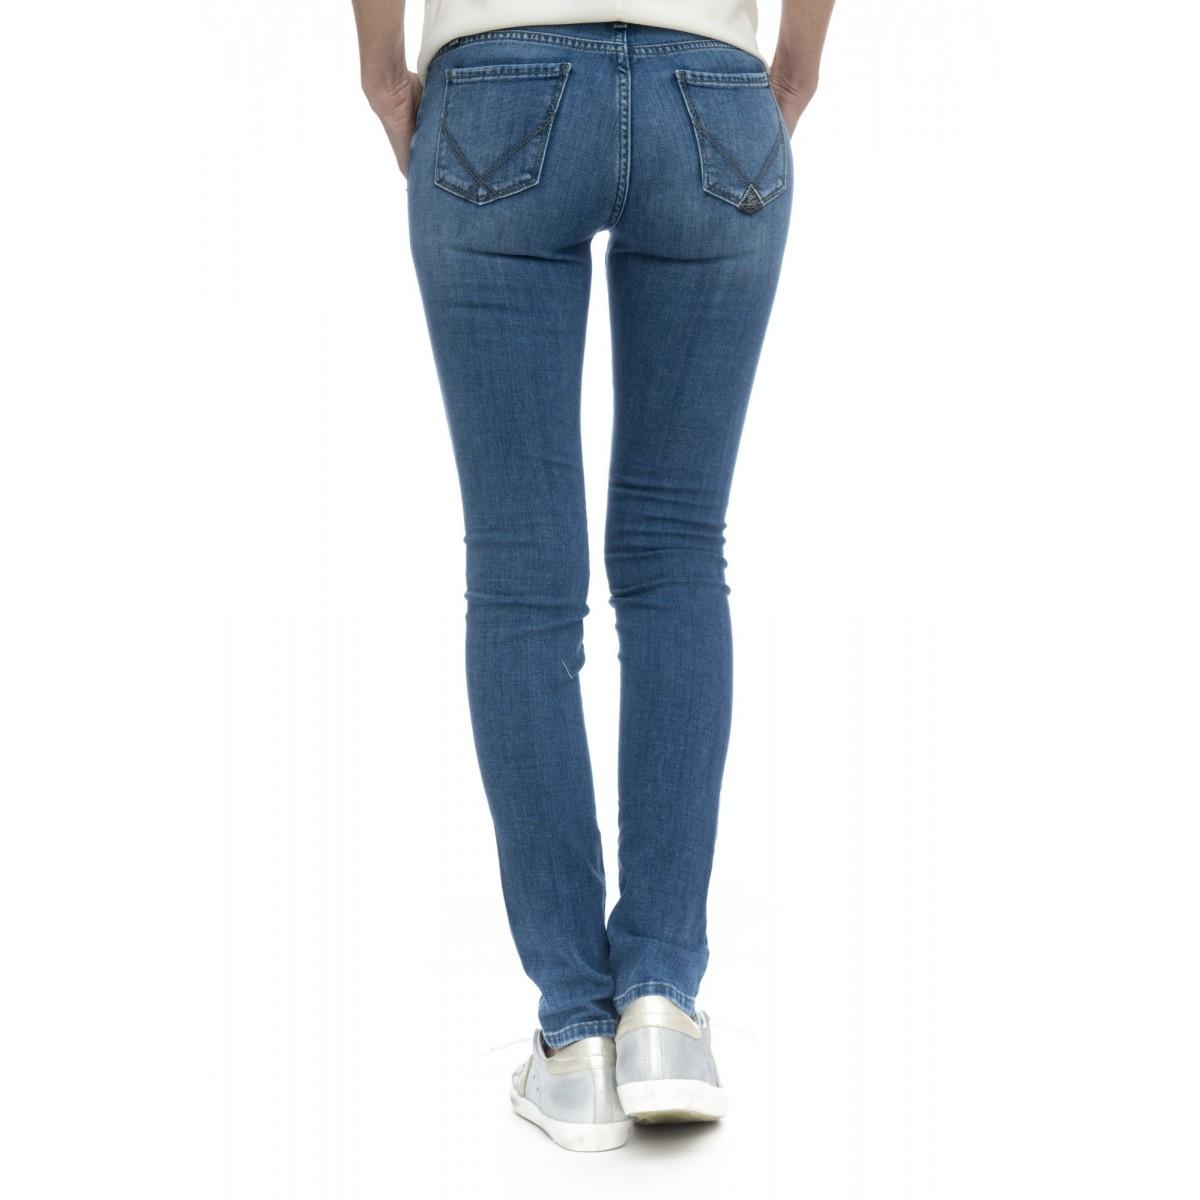 Jeans - Cate braga strech skinny